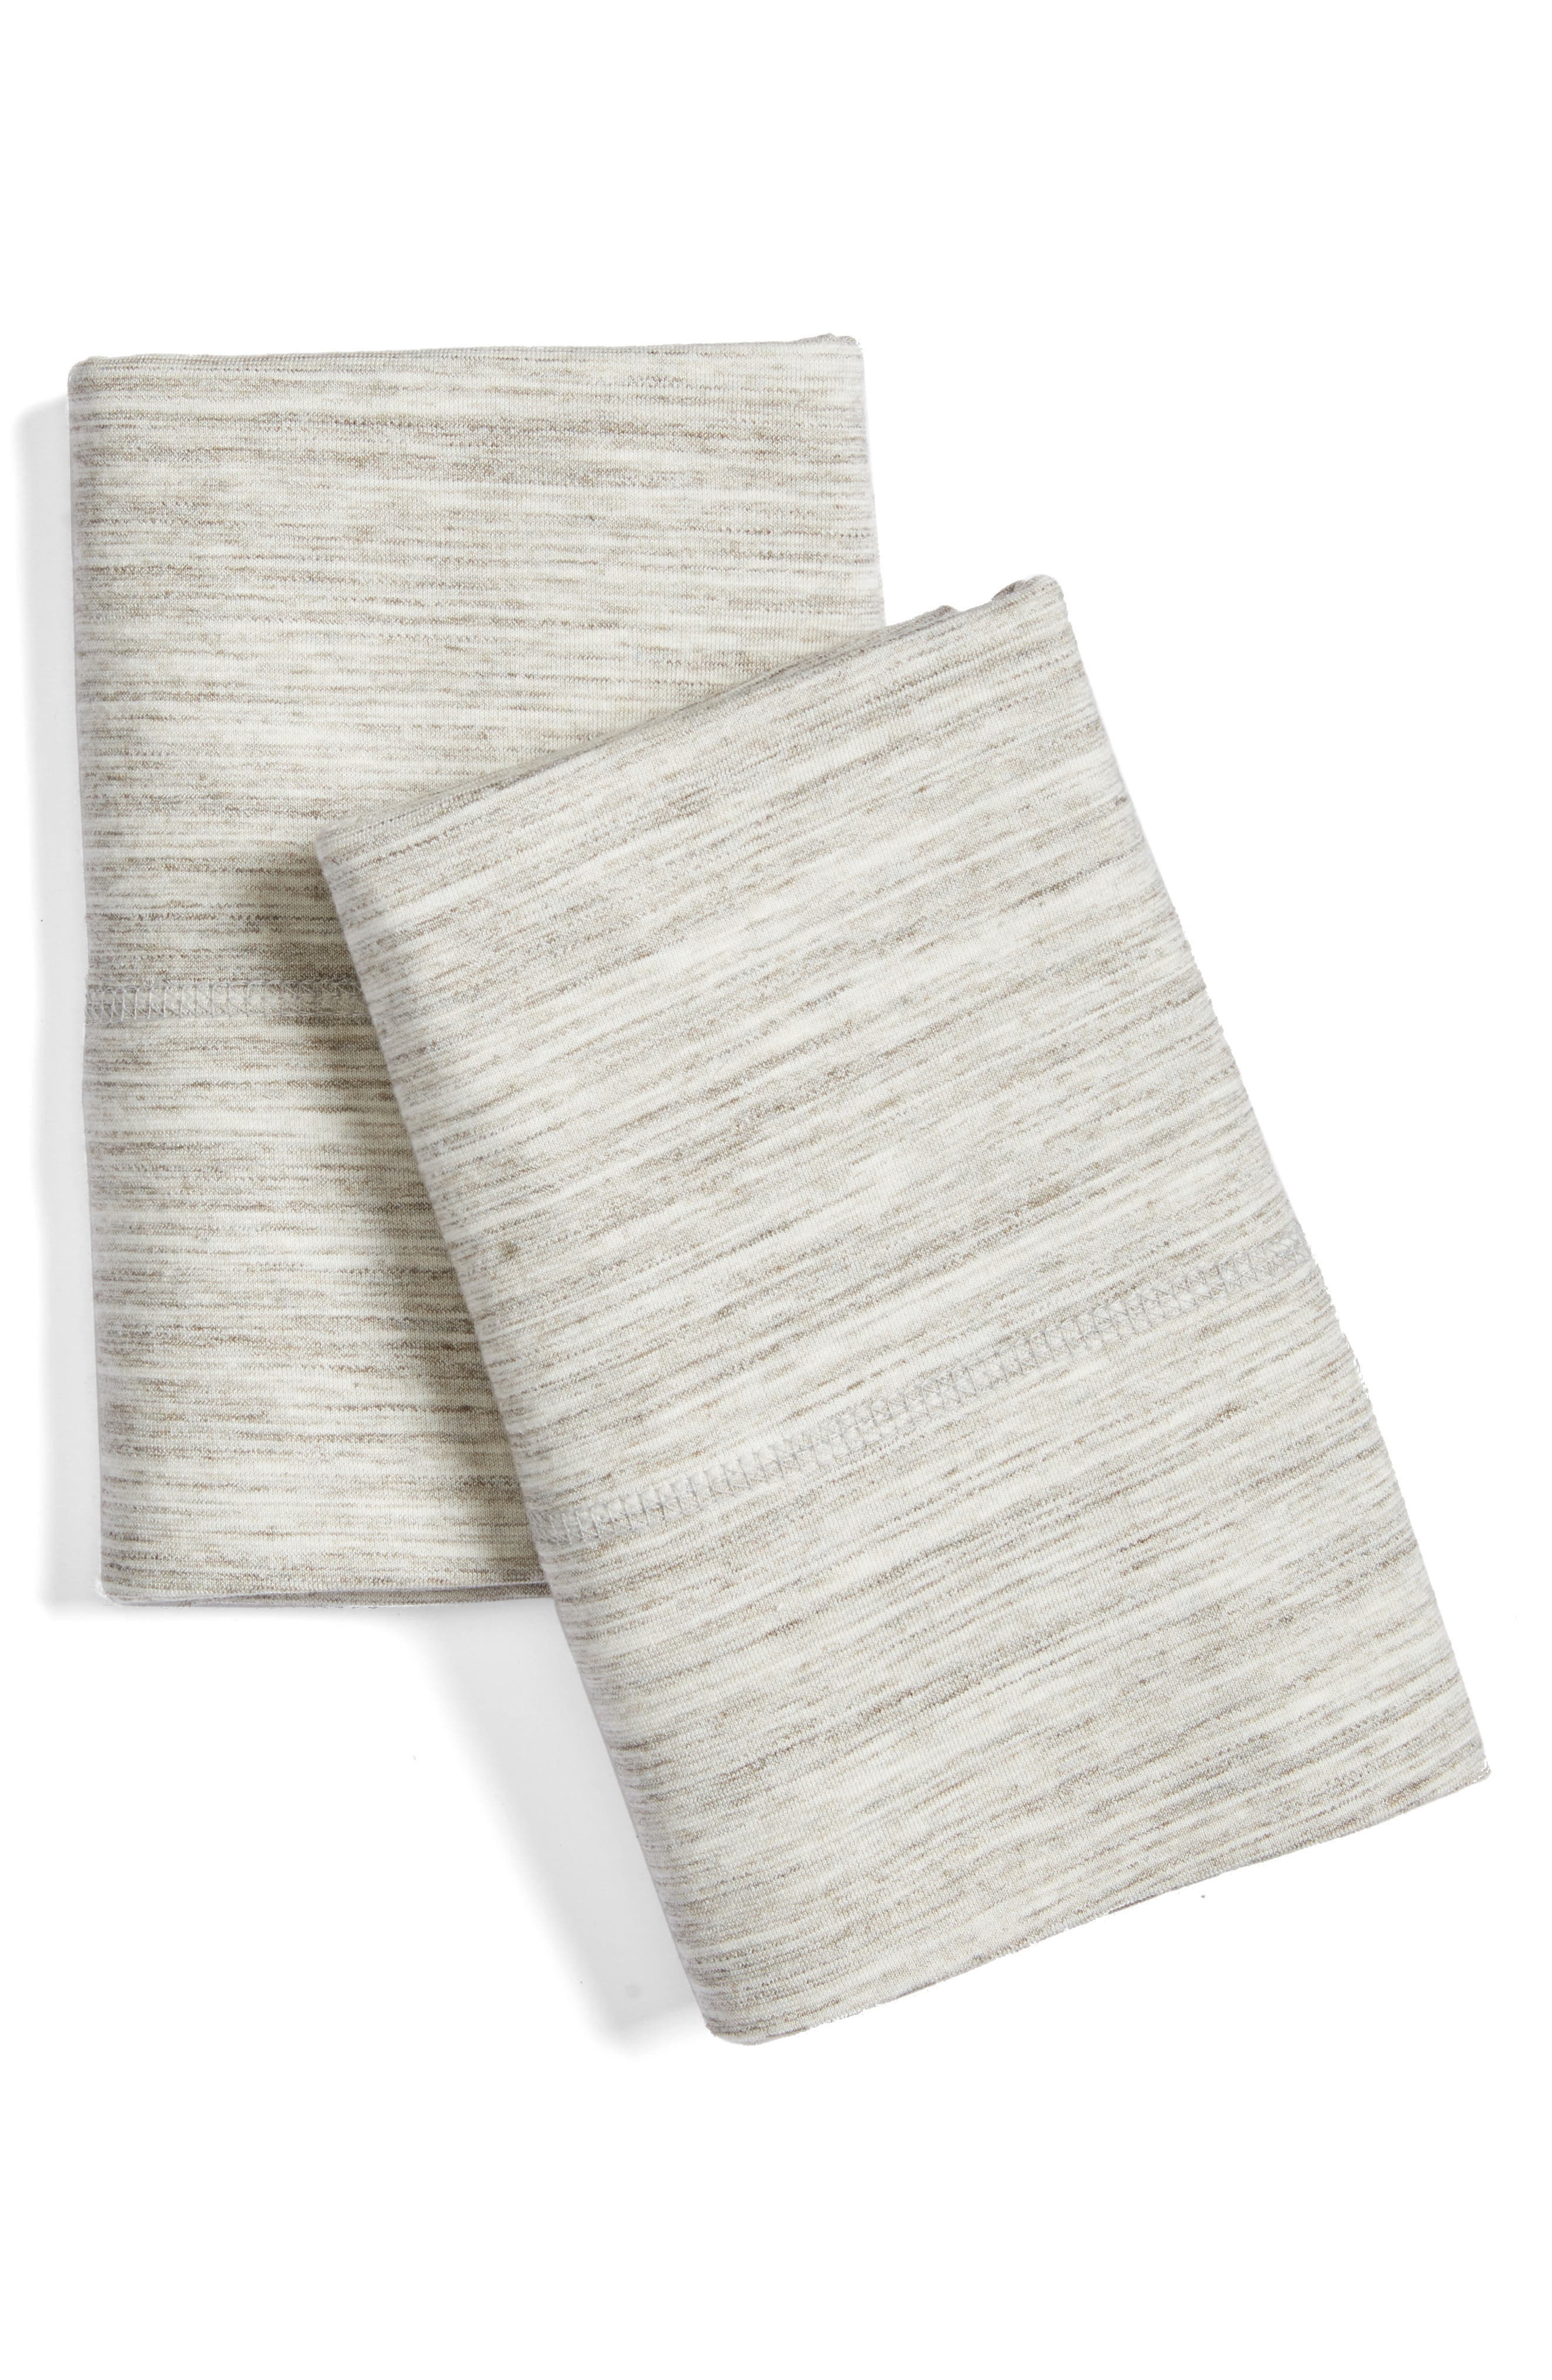 Strata Pillowcases,                             Main thumbnail 1, color,                             Sand Wash